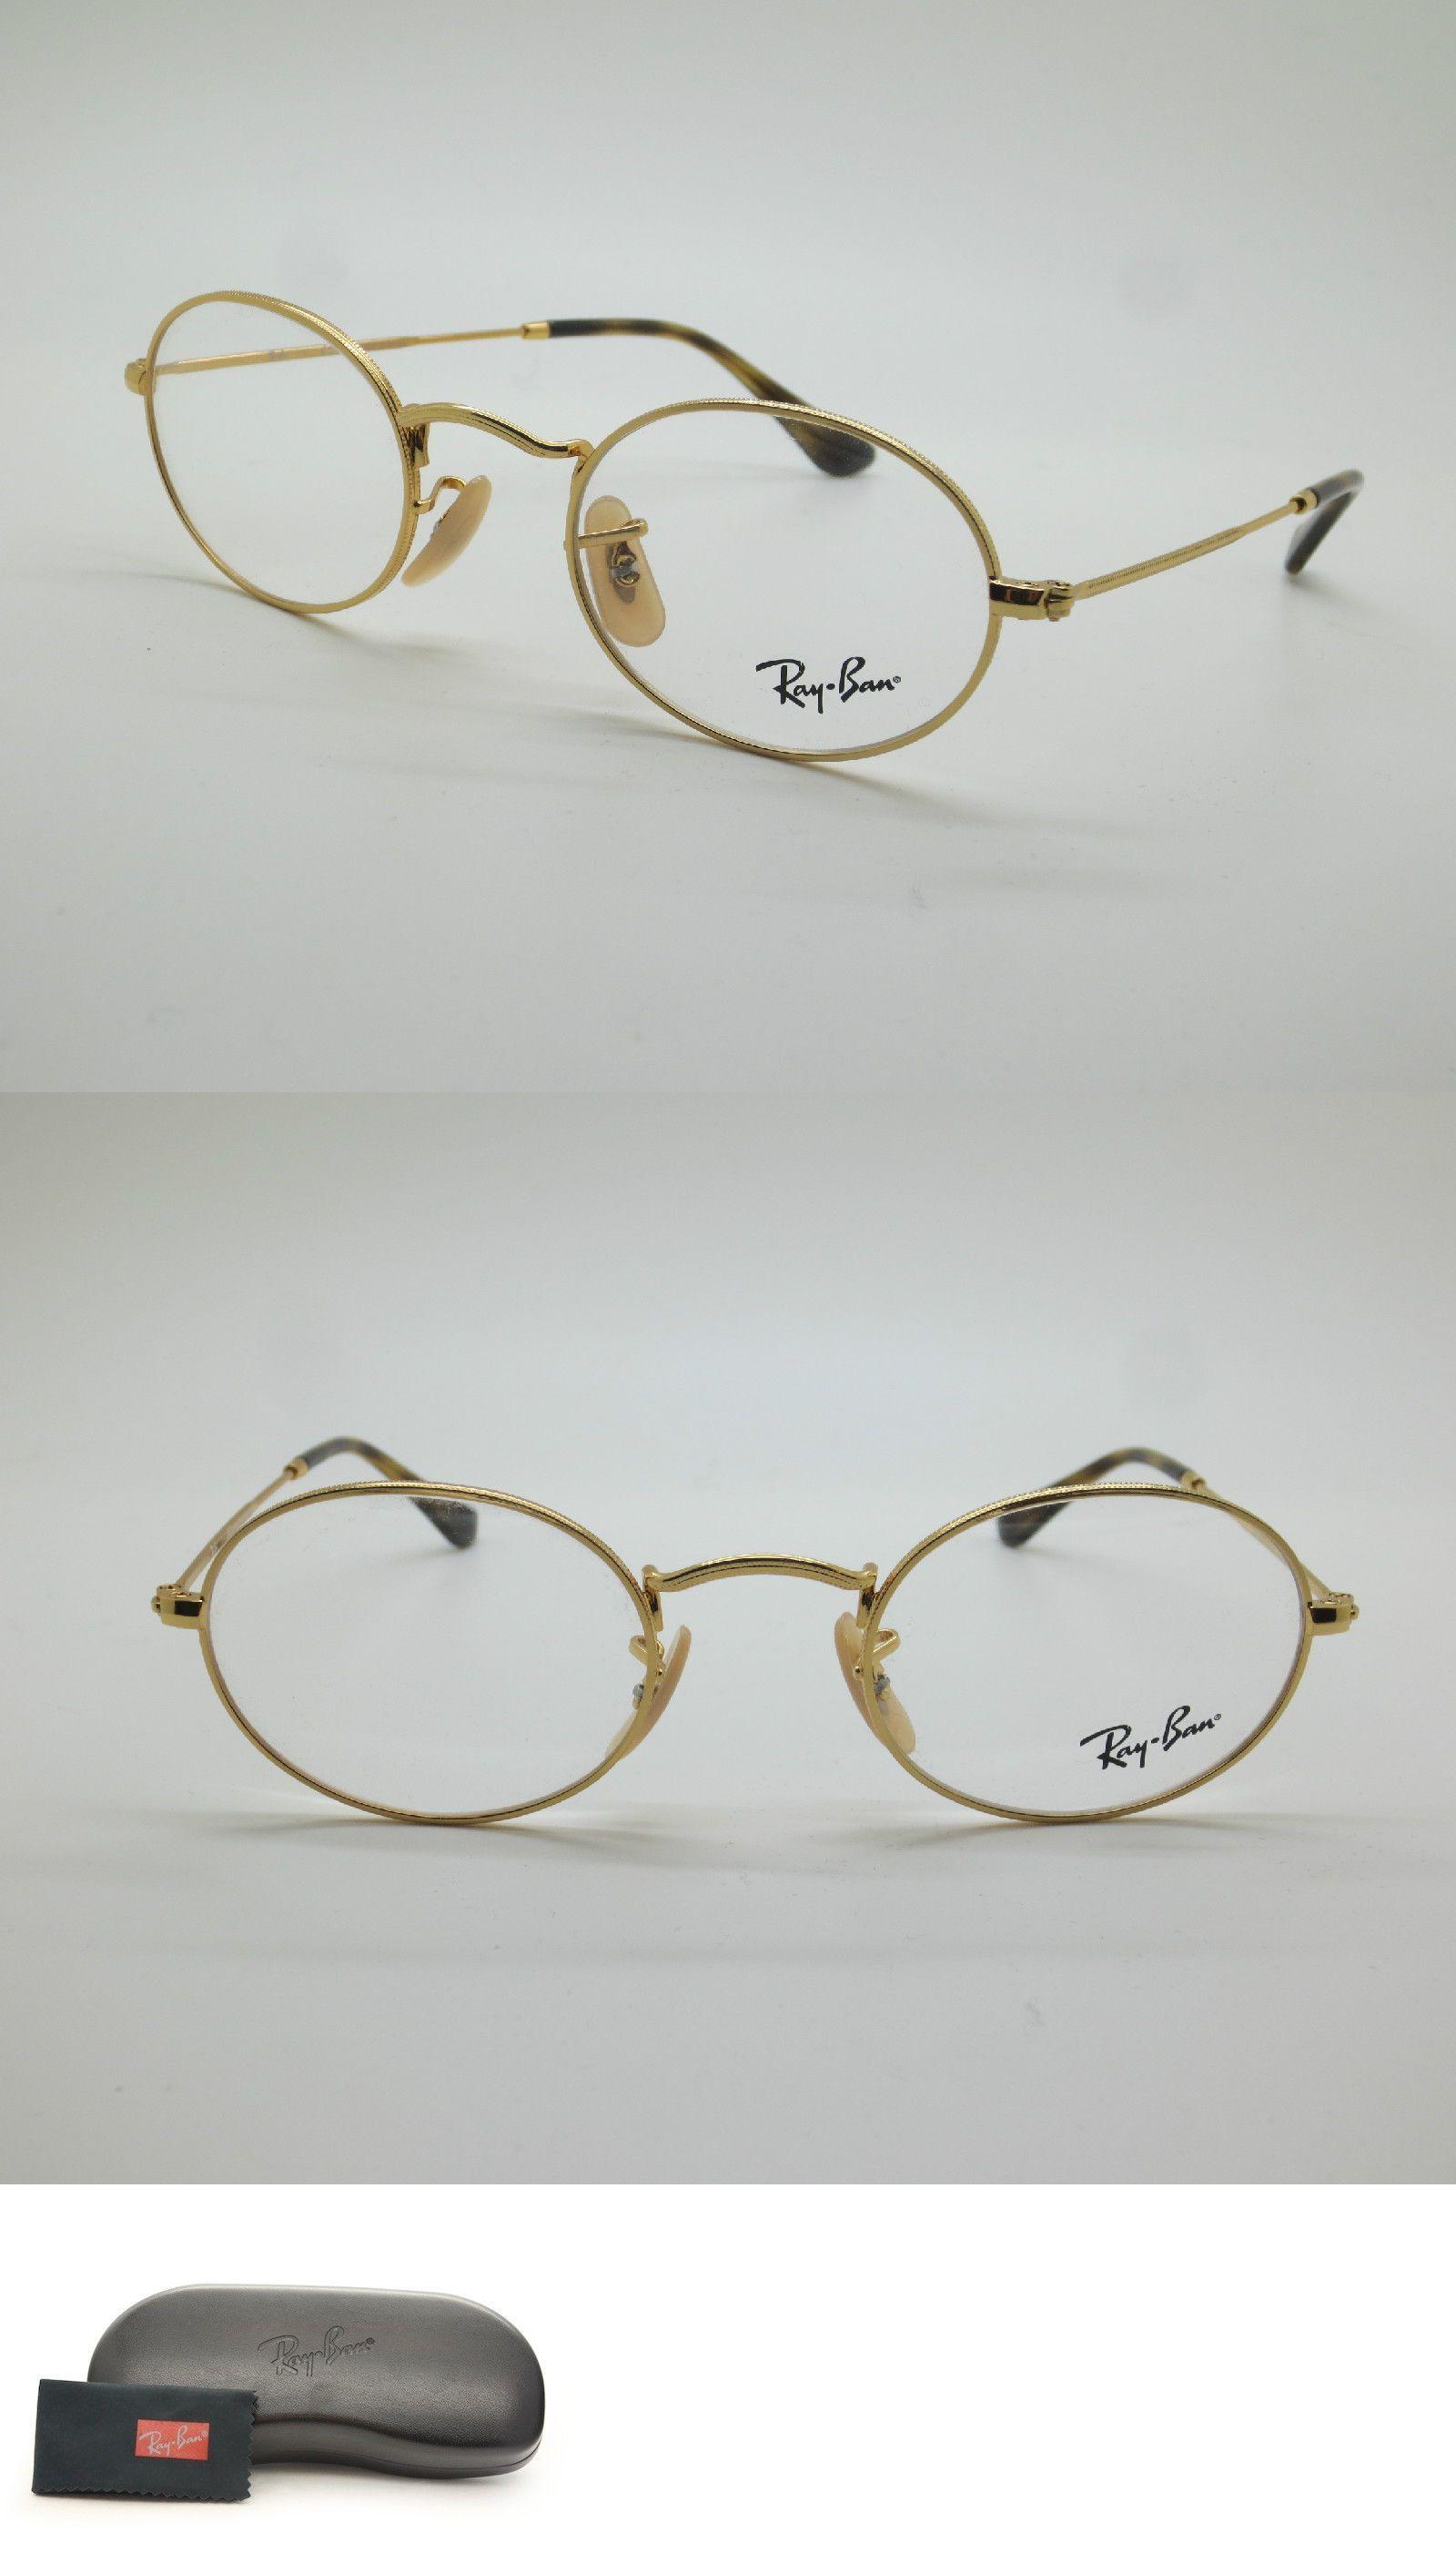 edb93e3dc95f6 ... switzerland fashion eyewear clear glasses 179244 ray ban rb3547v 2500  gold oval 46mm rx eyeglass d9ecf